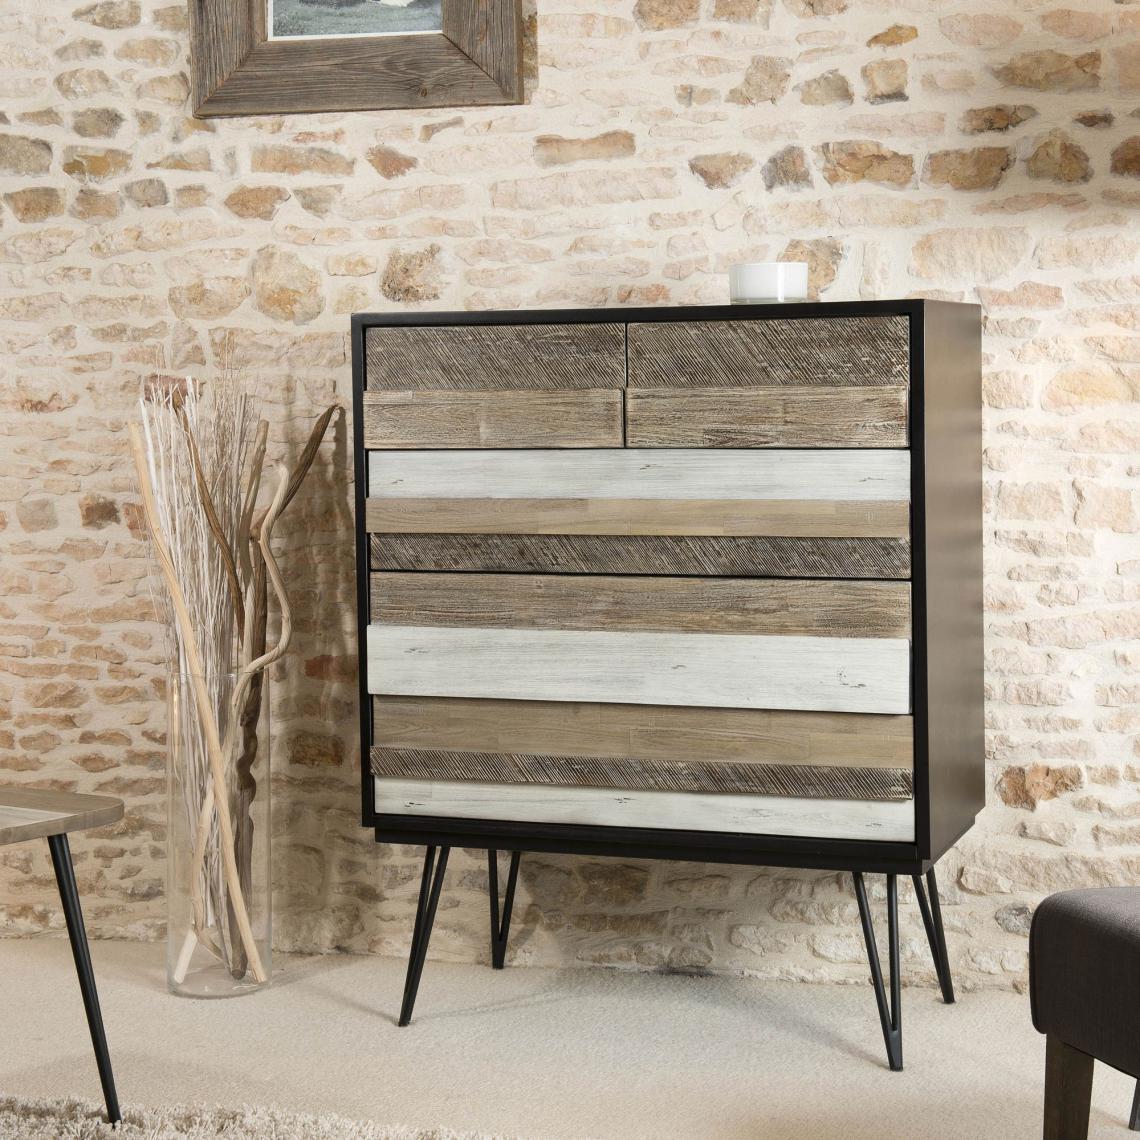 Commode Chambre Style Industriel commode 5 tiroirs pieds épingle style industriel - multicolore plus de  détails